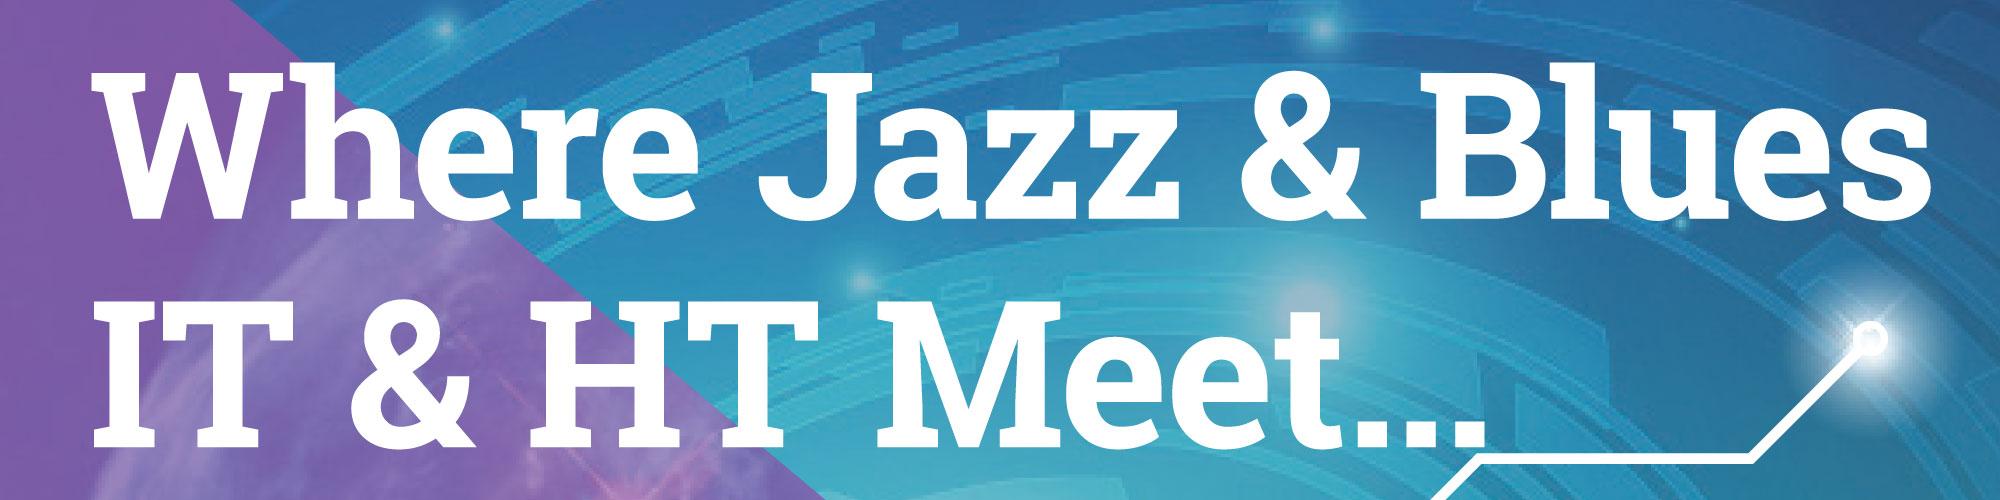 Where Jazz & Blues IT & HT Meet #3 banner